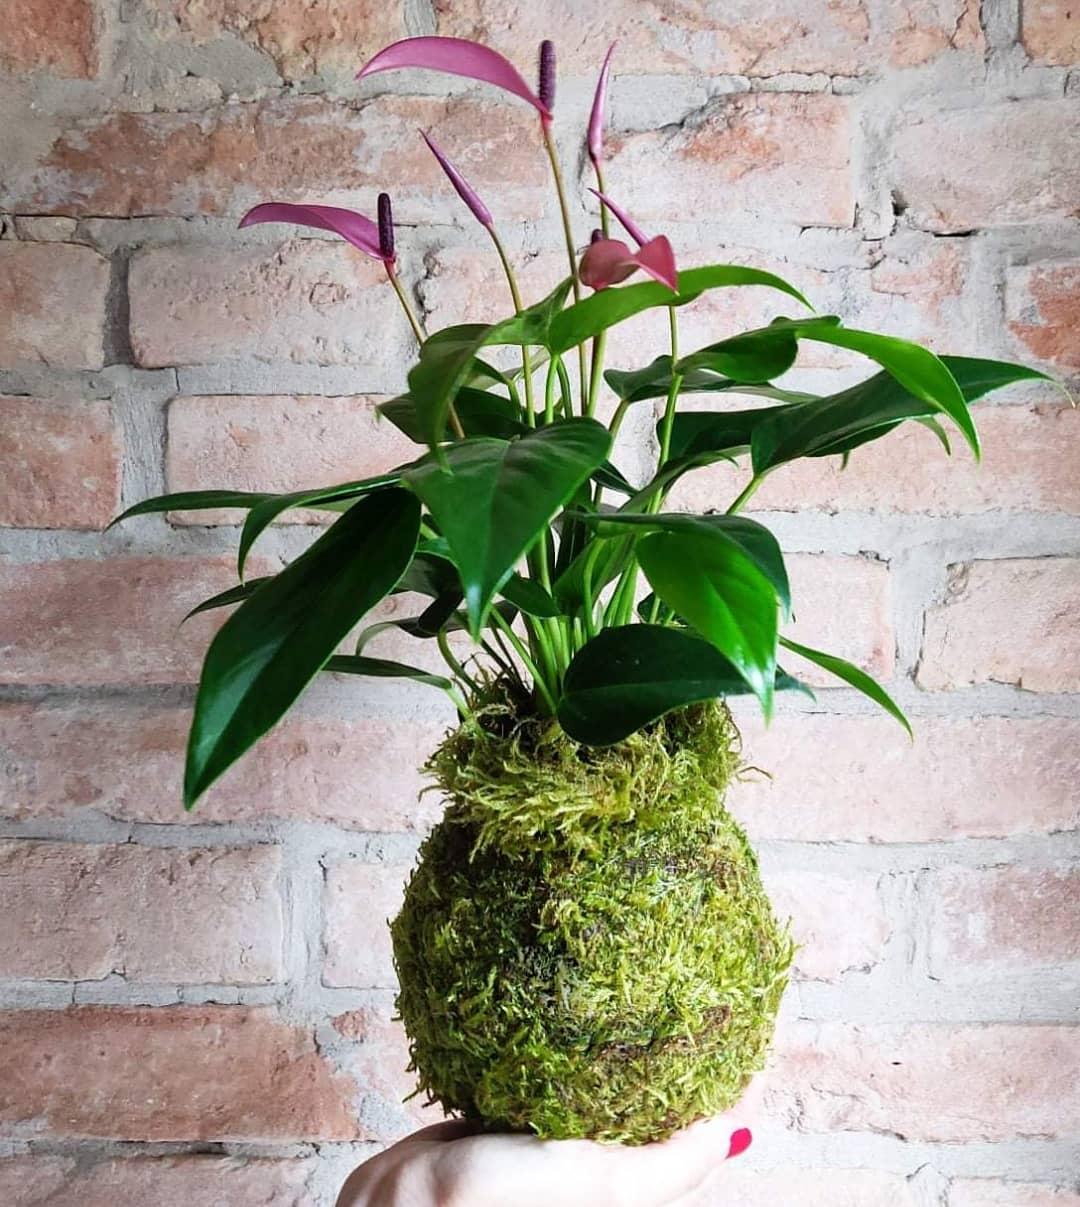 Anthurium francese. Sono piante epifite, che crescono sui rami degli alberi, come le orchidee. Vivono appolaiate sui rami, tra la densa vegetazione.